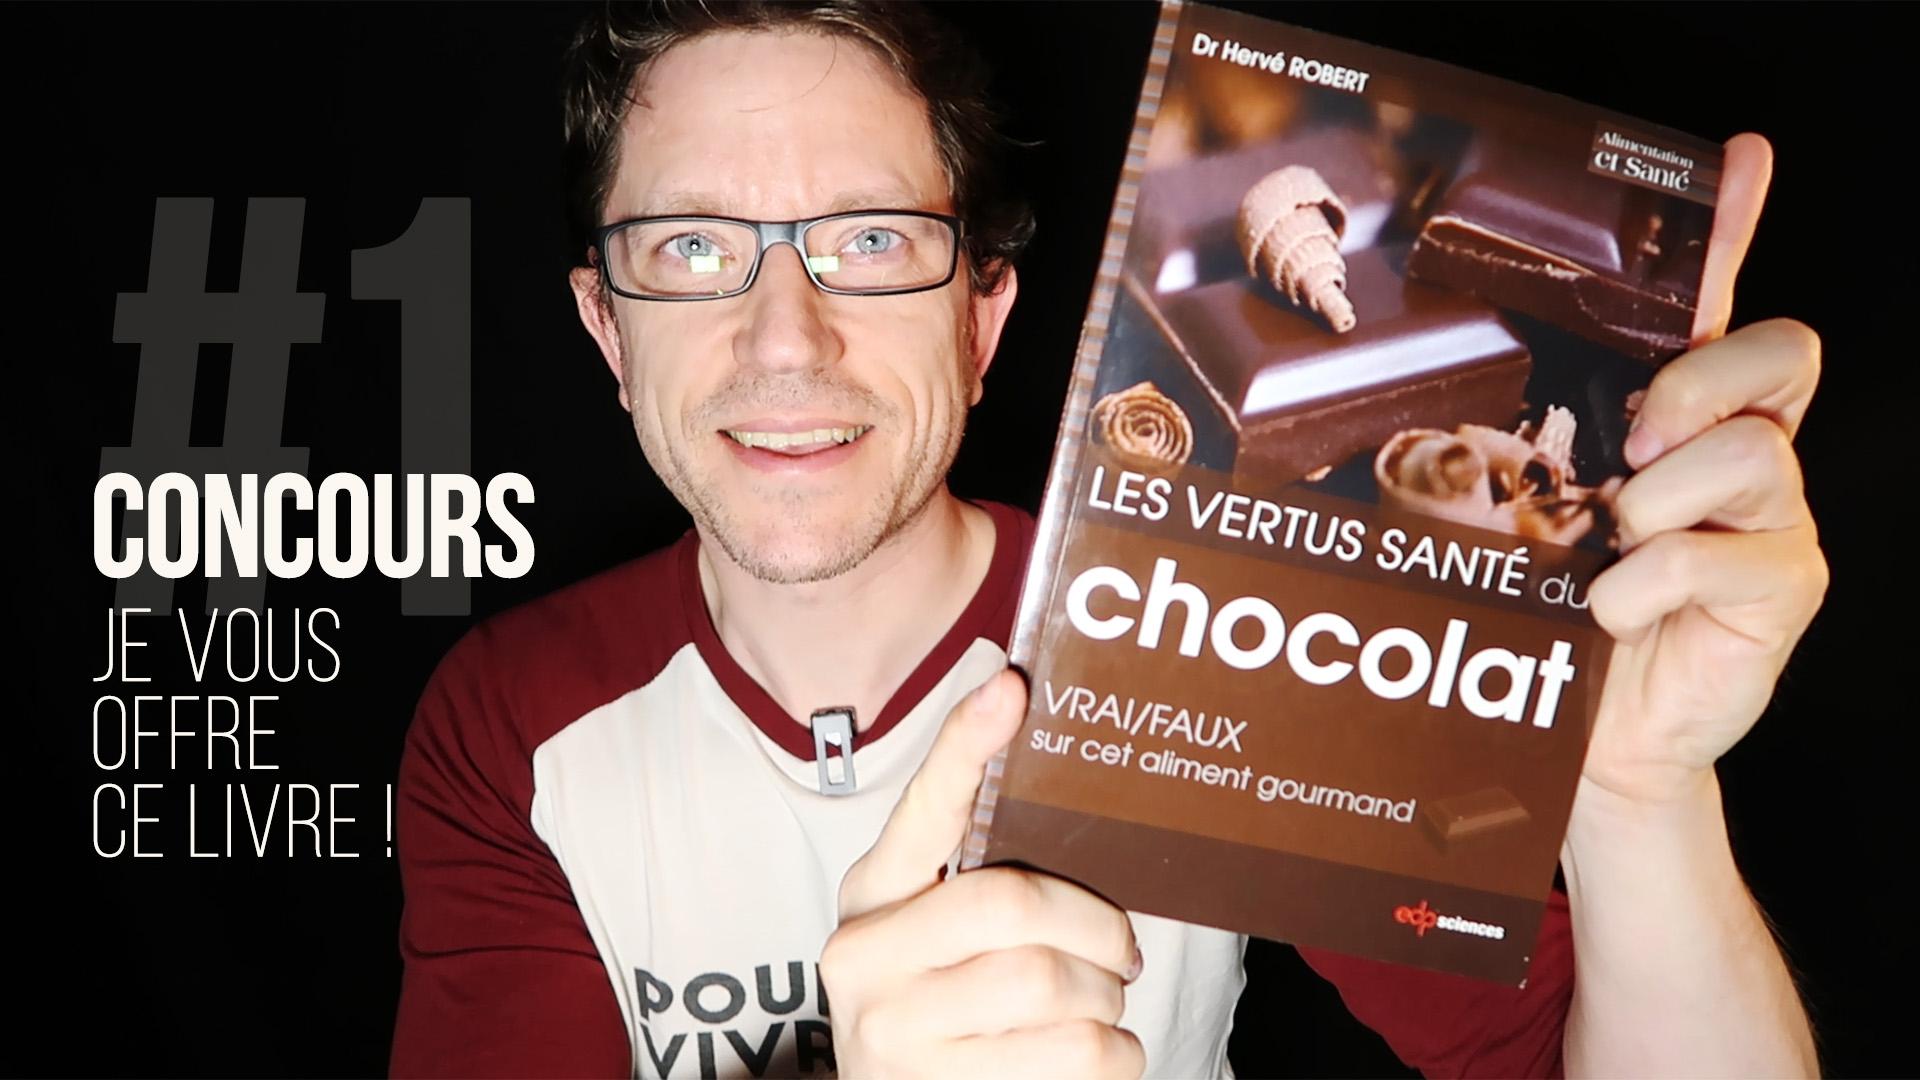 Les vertus santé du chocolat